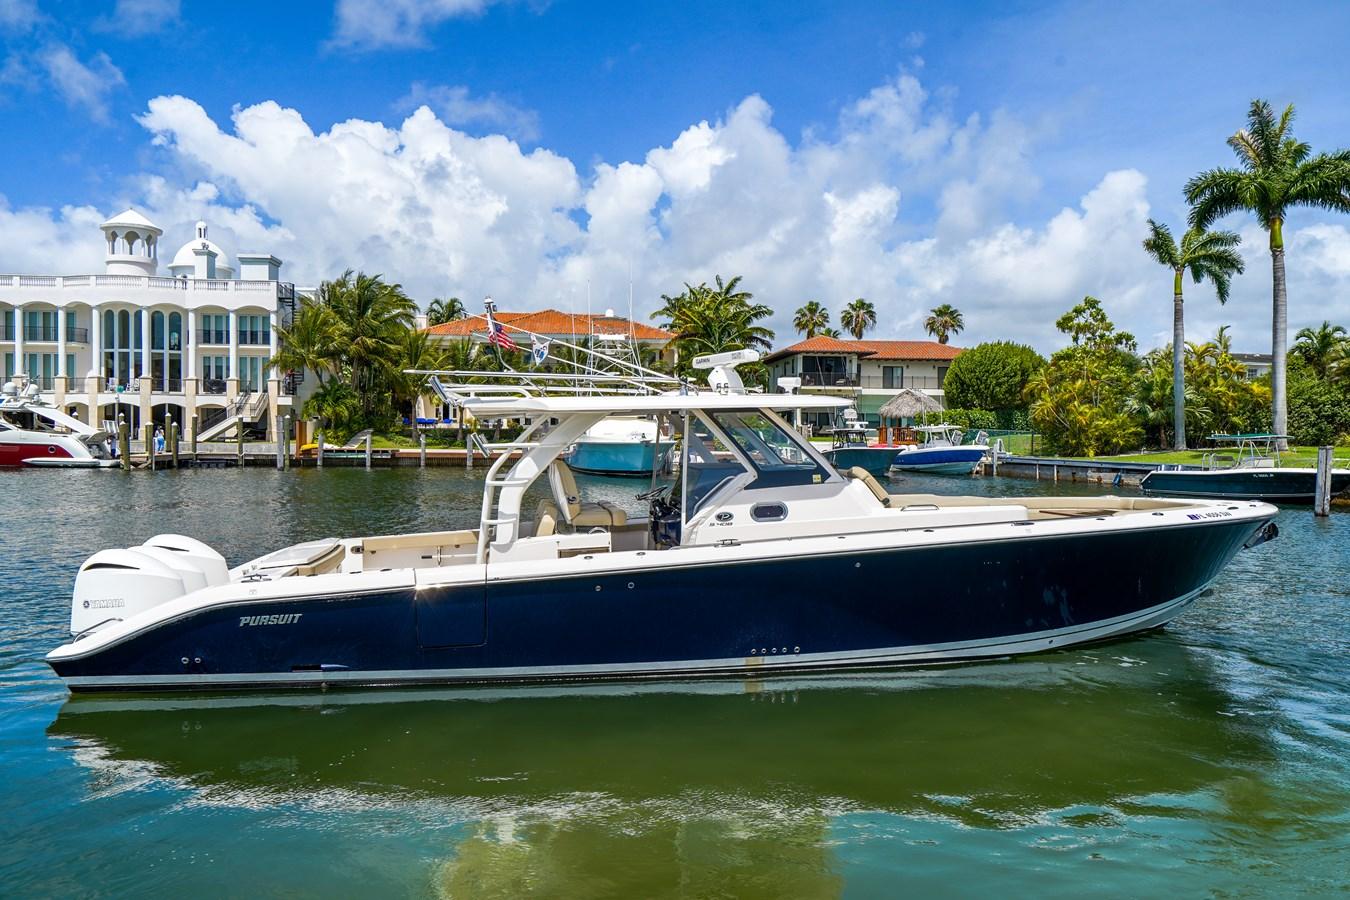 Pursuit 408 yacht for sale